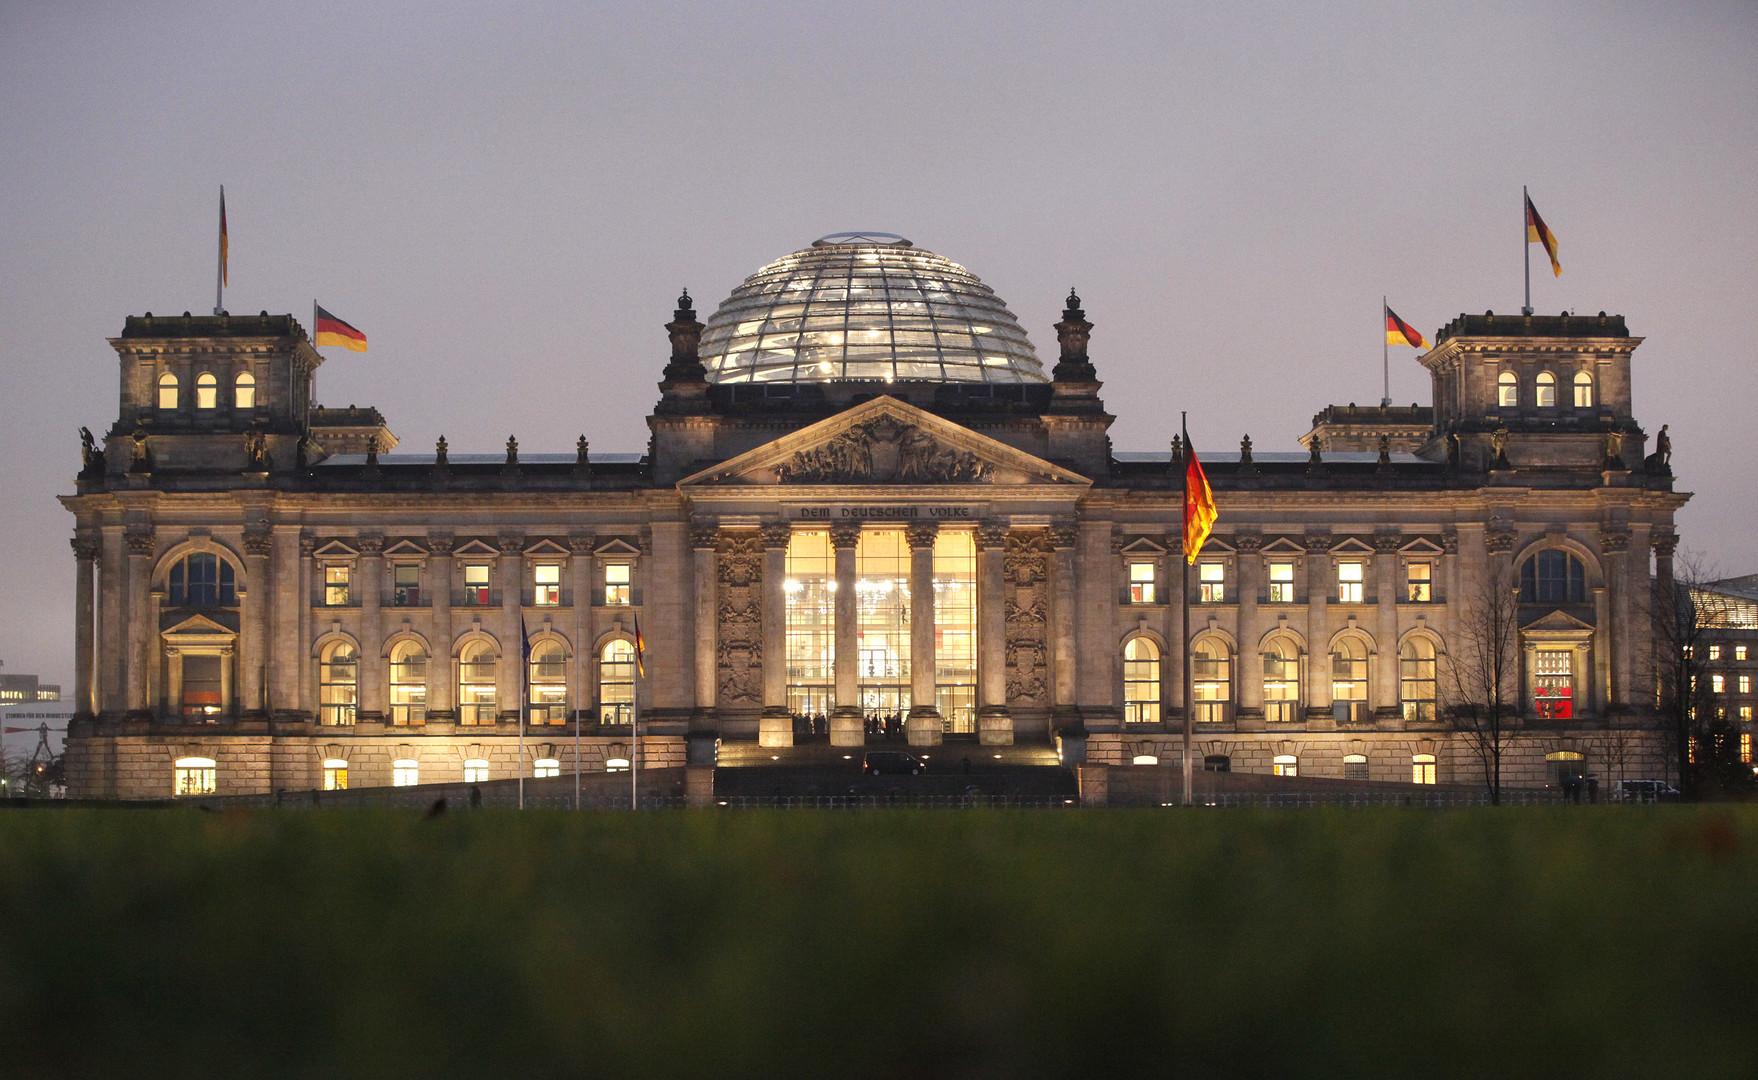 مبنى البرلمان التاريخي برلين